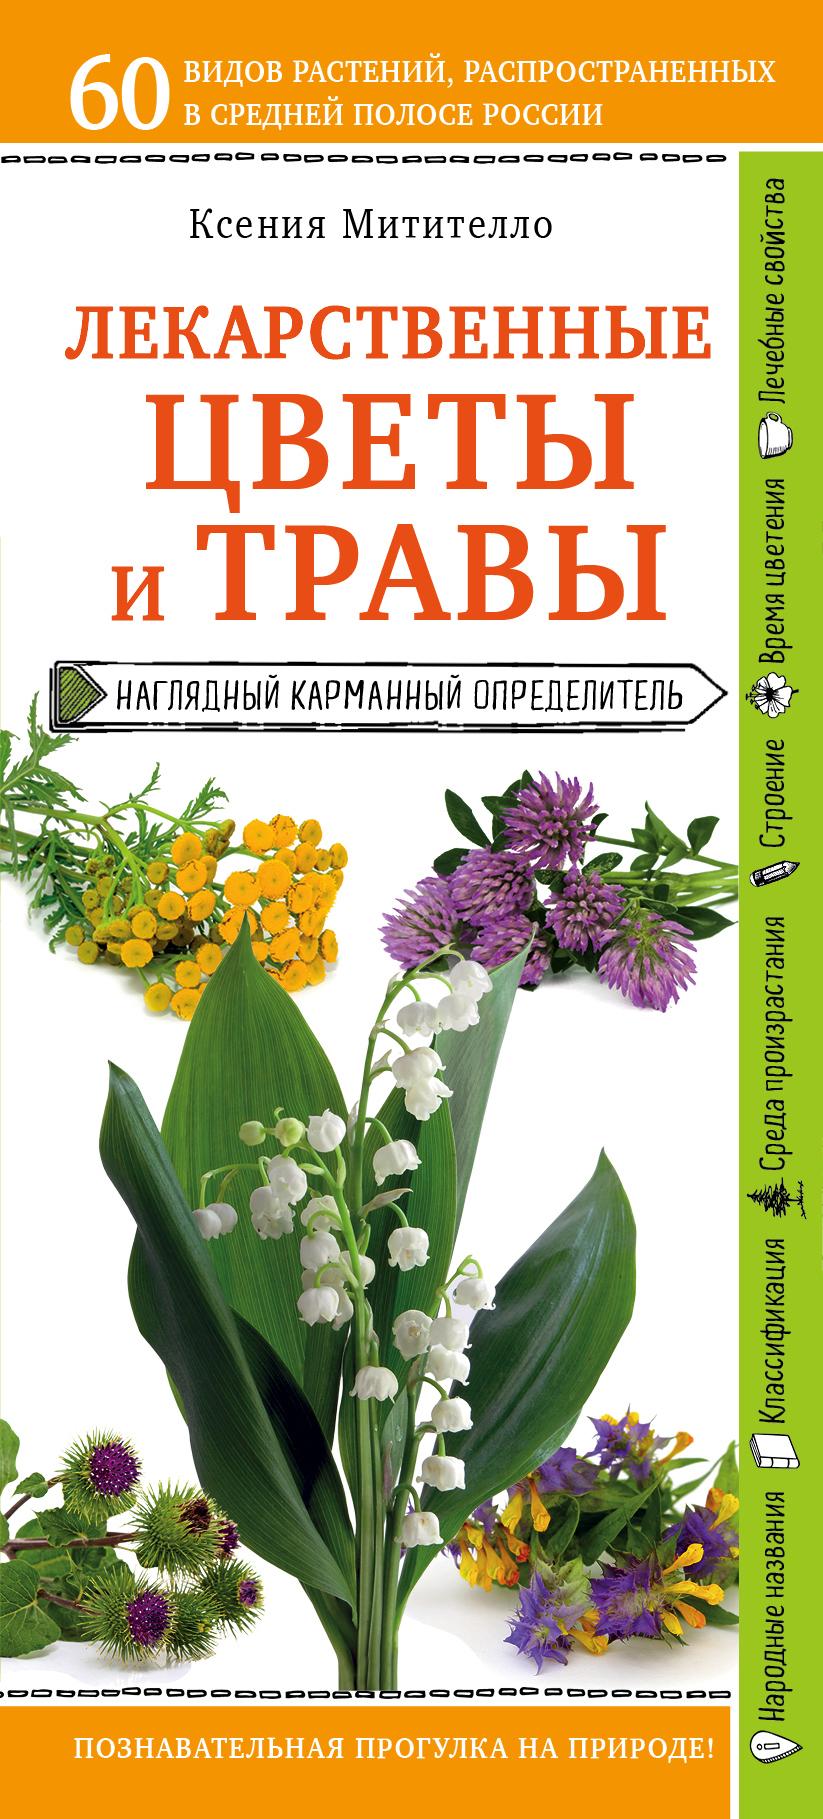 Купить книгу Лекарственные растения и травы. Определитель трав русских лесов и полей, автора Ксении Митителло